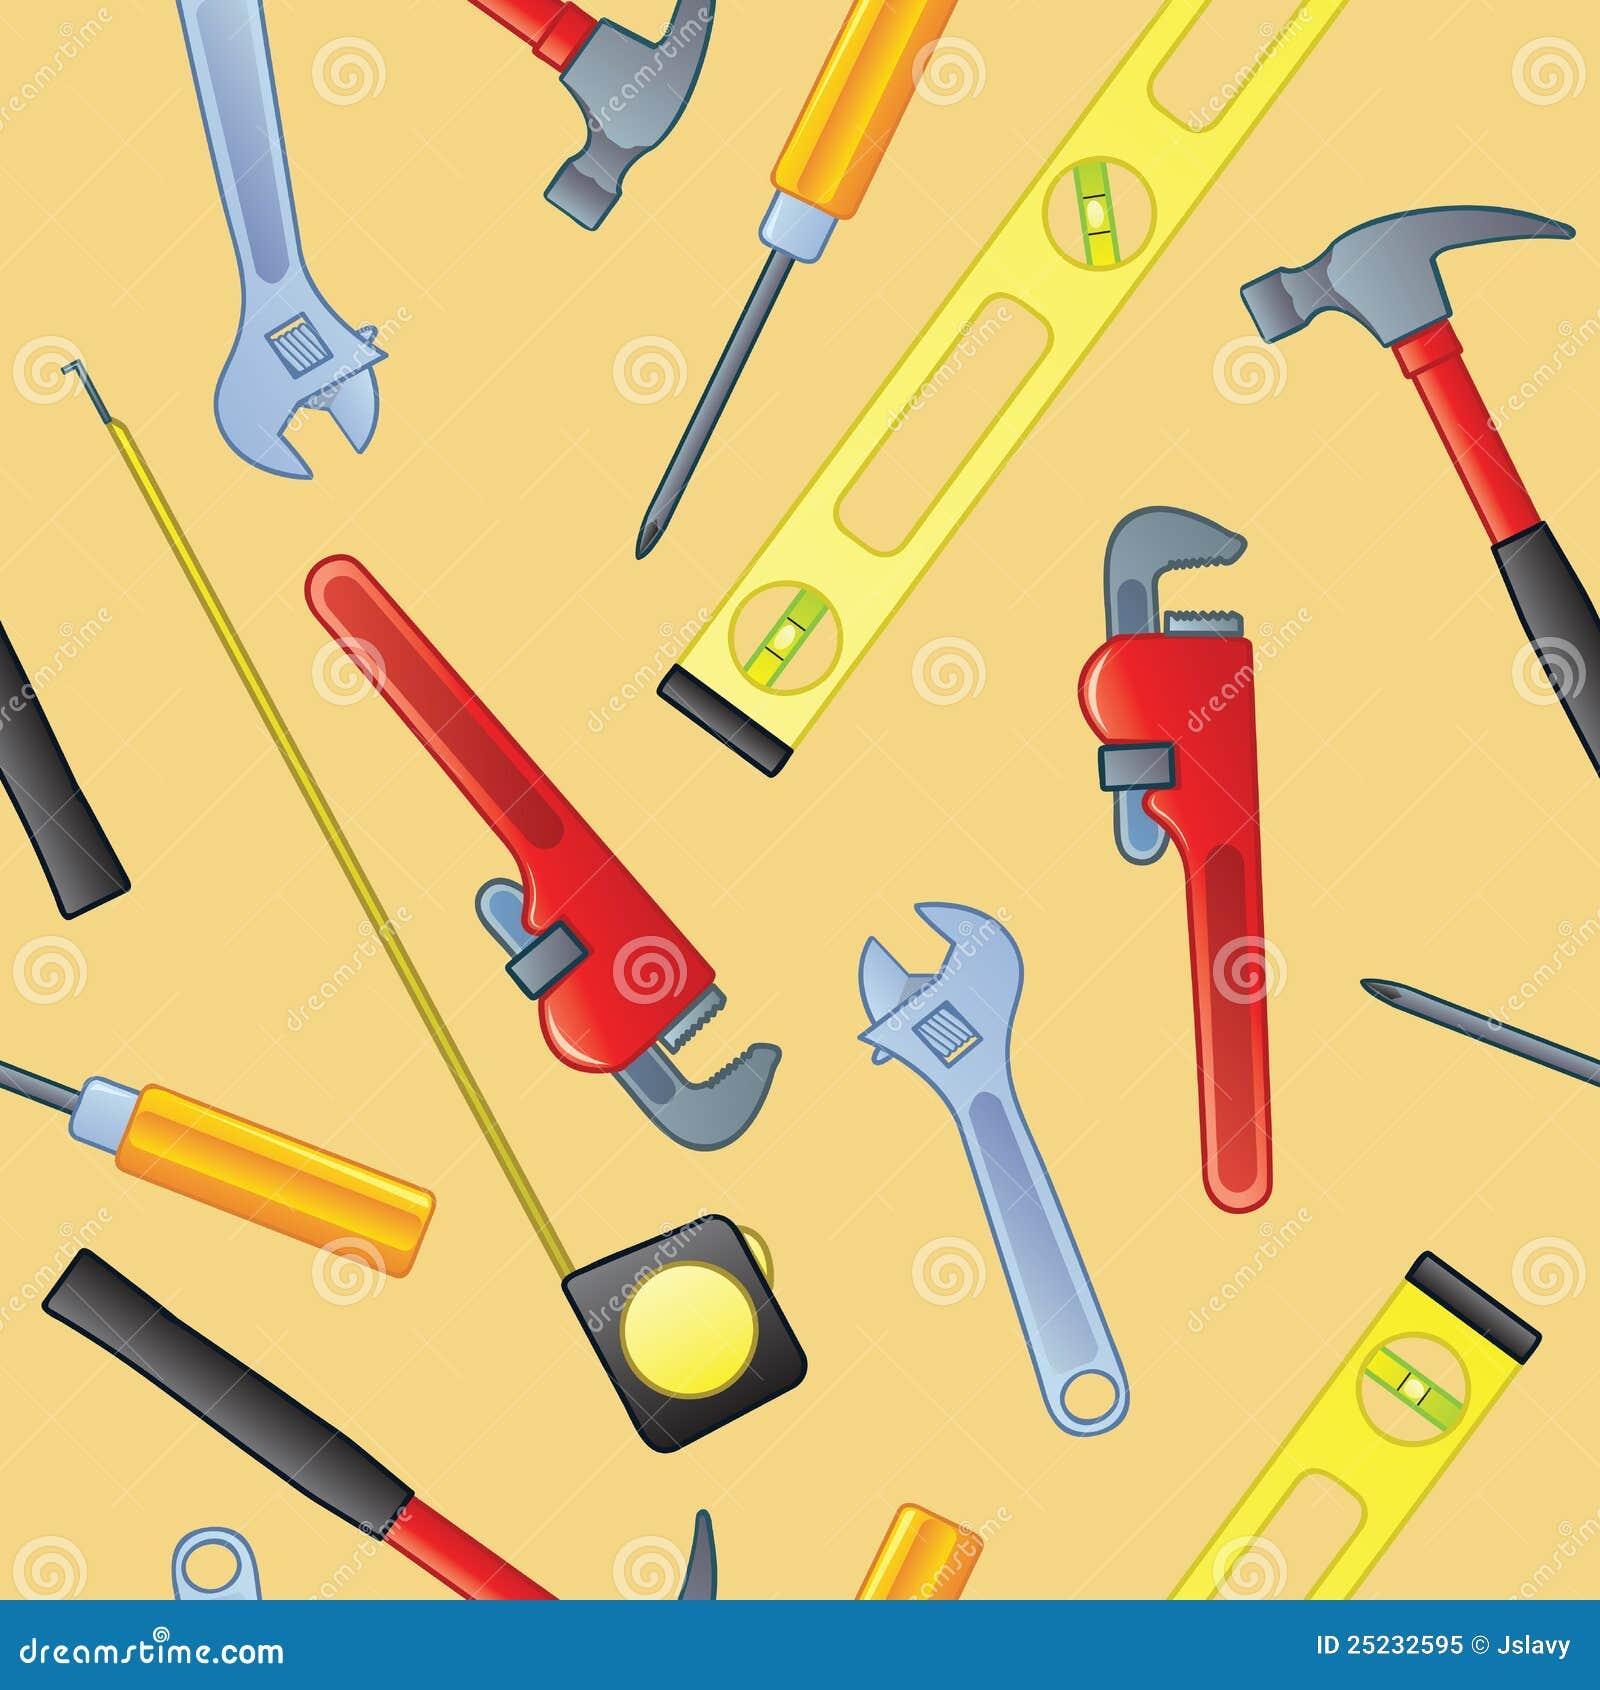 Great Home Improvement Tools Clip Art 1300 x 1390 · 164 kB · jpeg